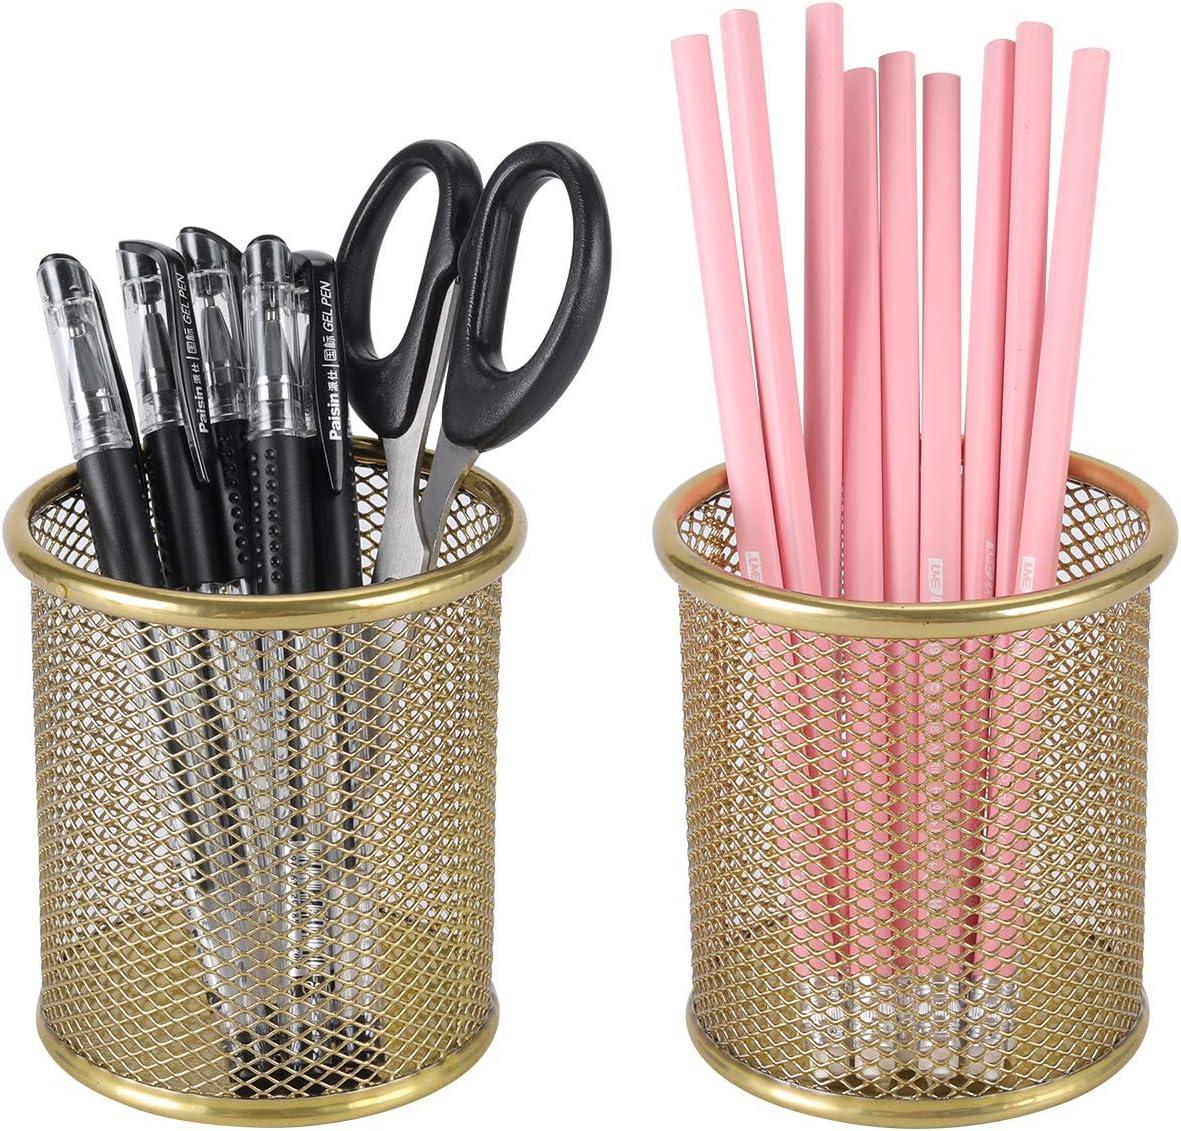 PAG 2 Pack Pencil Holder Pen Cup Office Supplies Desktop Organizer Makeup Brush Holder for Desk, Gold